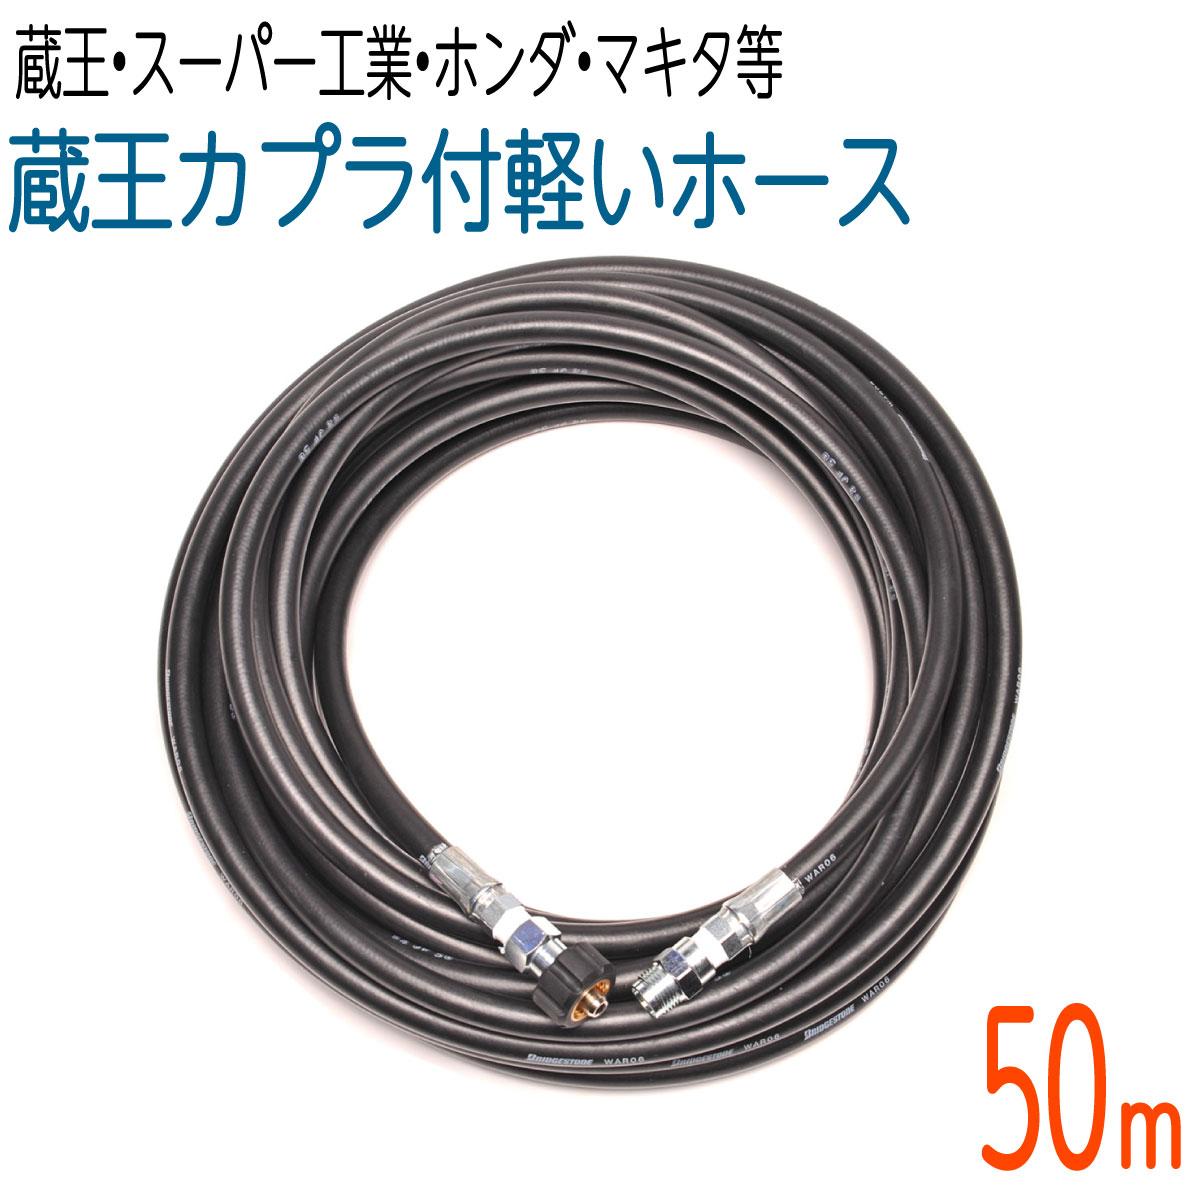 驚き価格 【50M】軽いホース蔵王産業(エンジン式)・スーパー工業対応カプラ付き